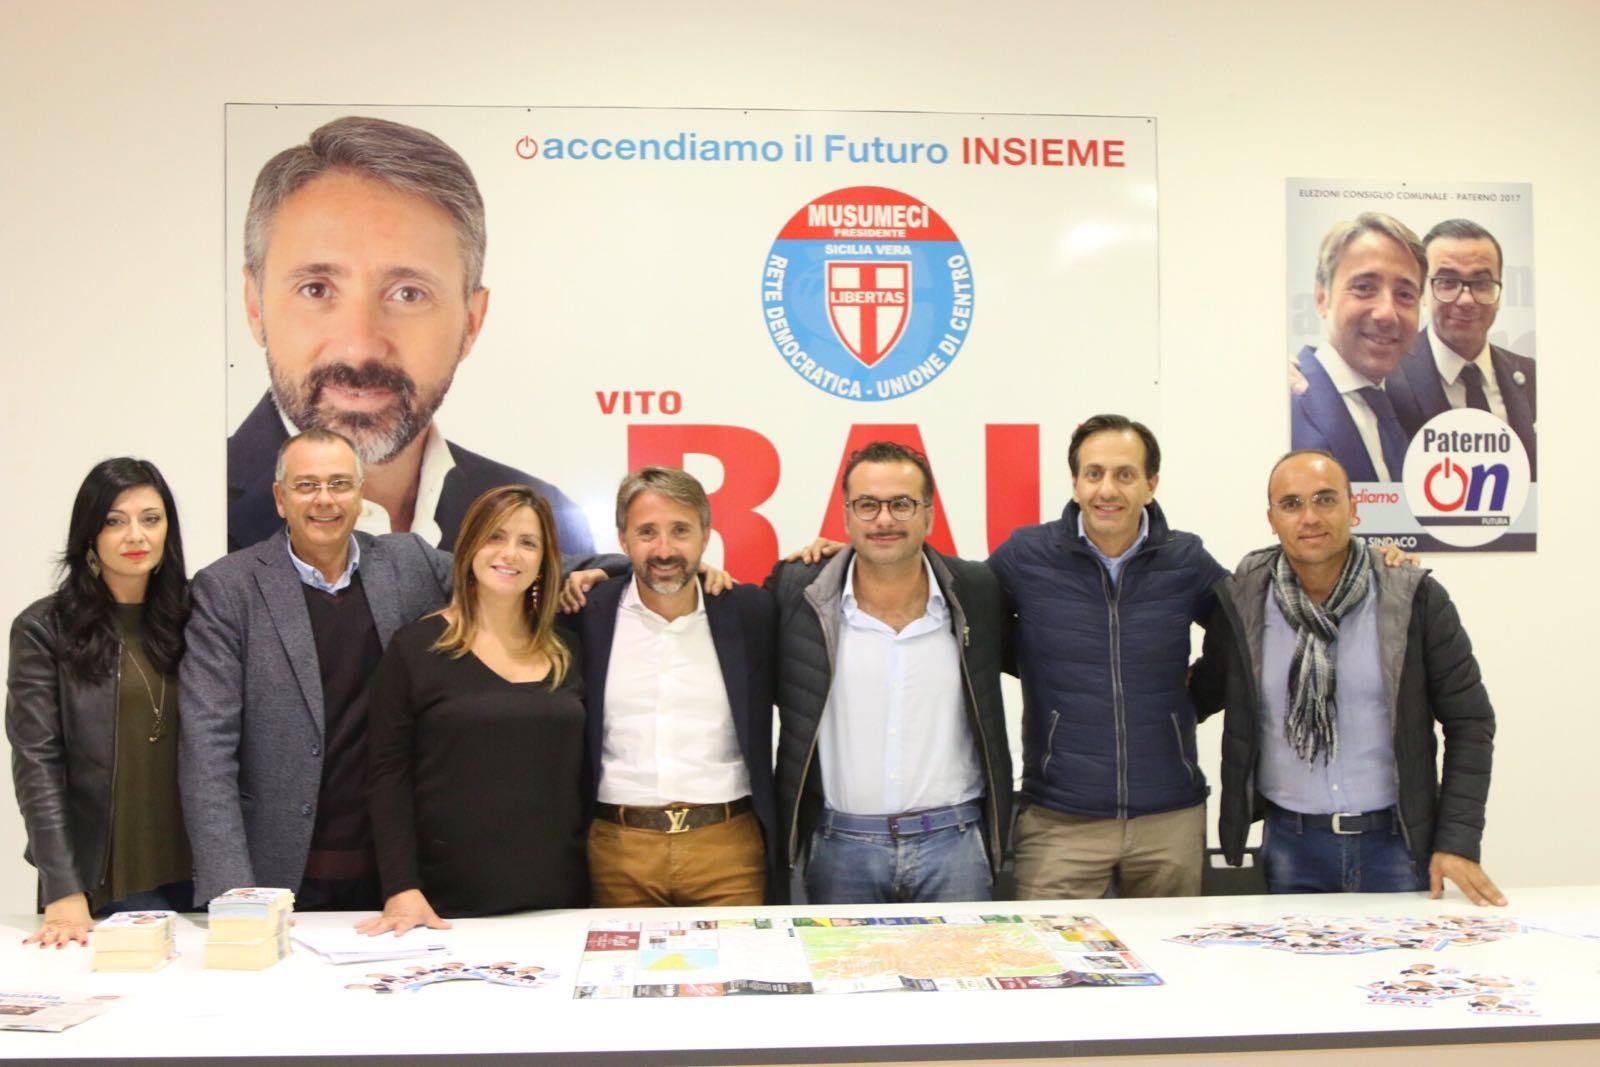 Vito Rau insieme alla squadra di Paternò On. Da sinistra: Rosanna Lauria, Tonino Cunsolo, Agata Marzola, Vito Rau, Ignazio Mannino, Roberto Faranda e Alfredo Sciacca.